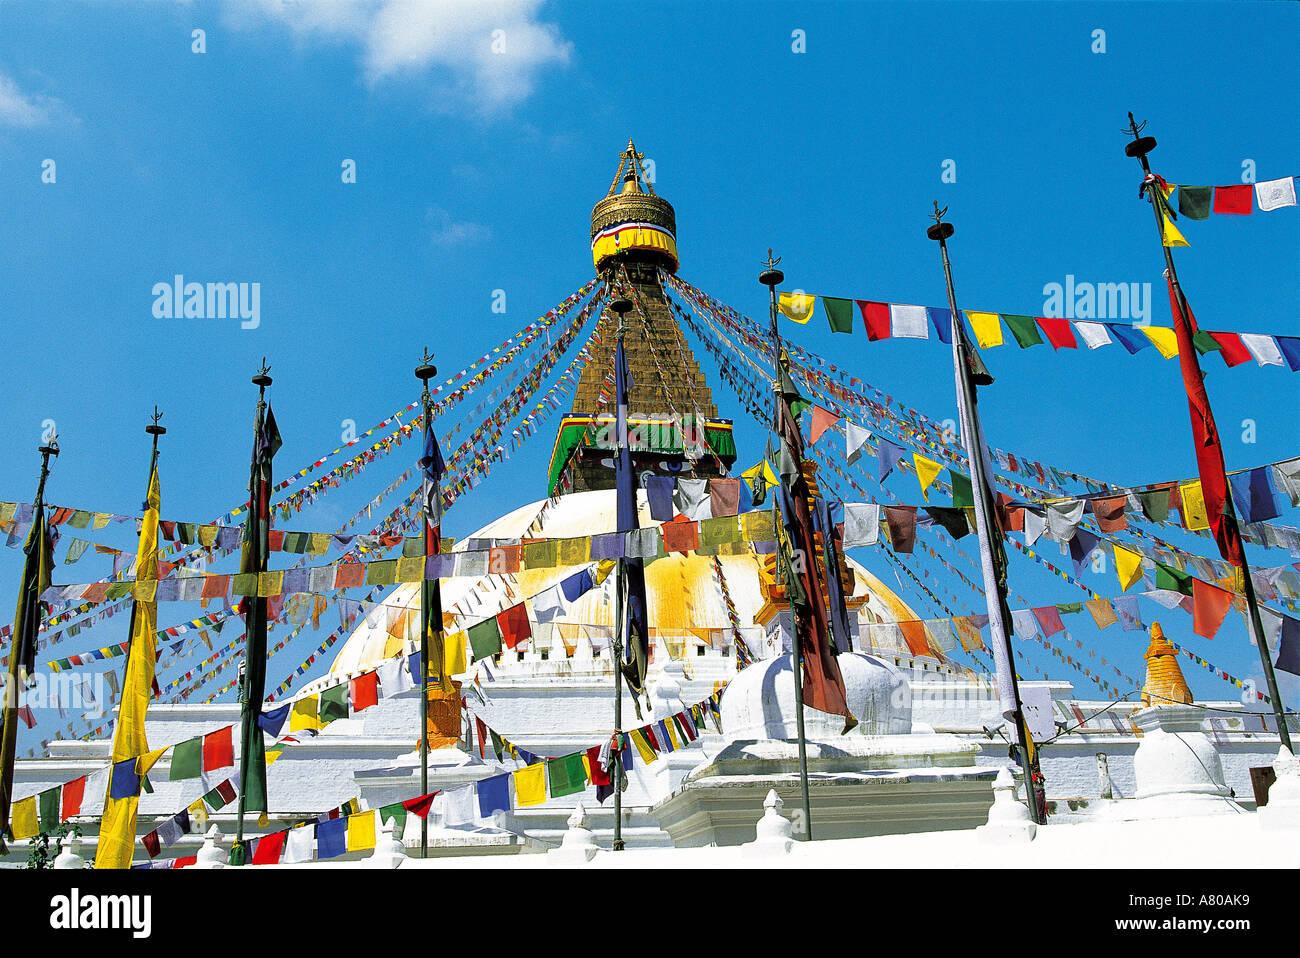 China, Nepal, Katmandu, stupa of Bodhnath (also called Jaroungkhasor) - Stock Image